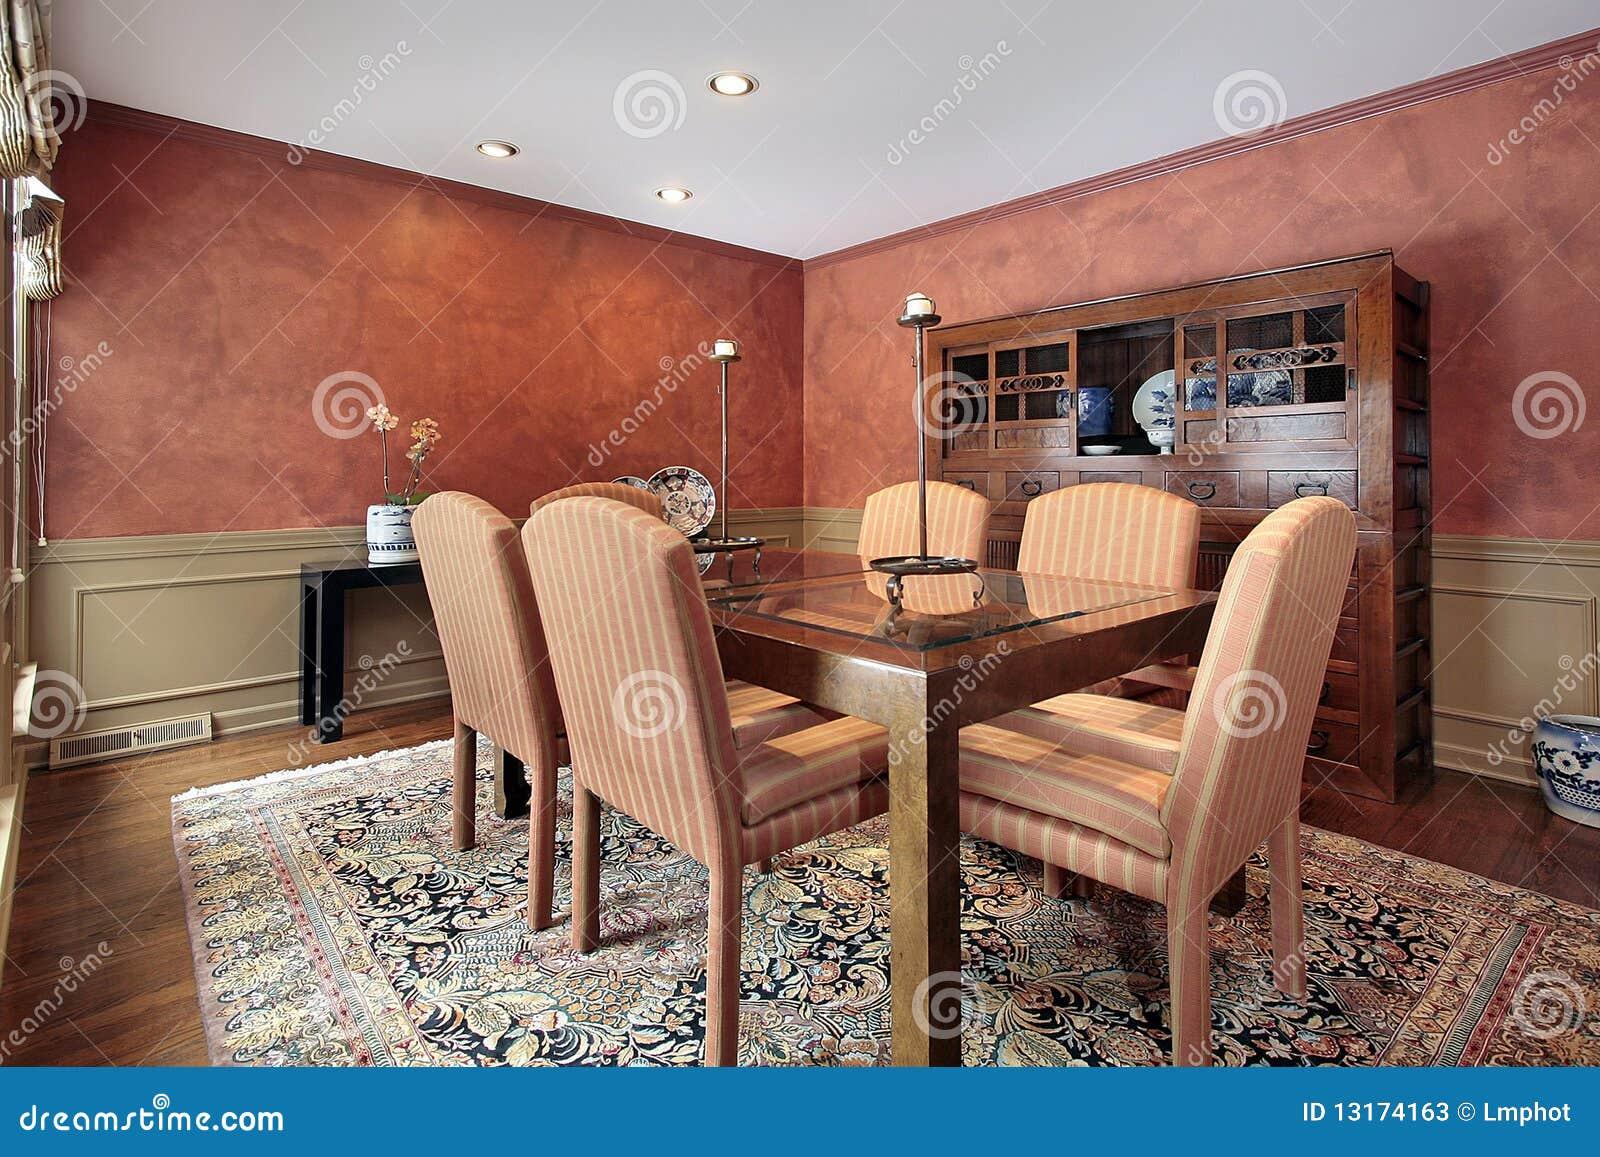 Eetkamer Van Oranje : Eetkamer met oranje muren stock afbeelding afbeelding bestaande